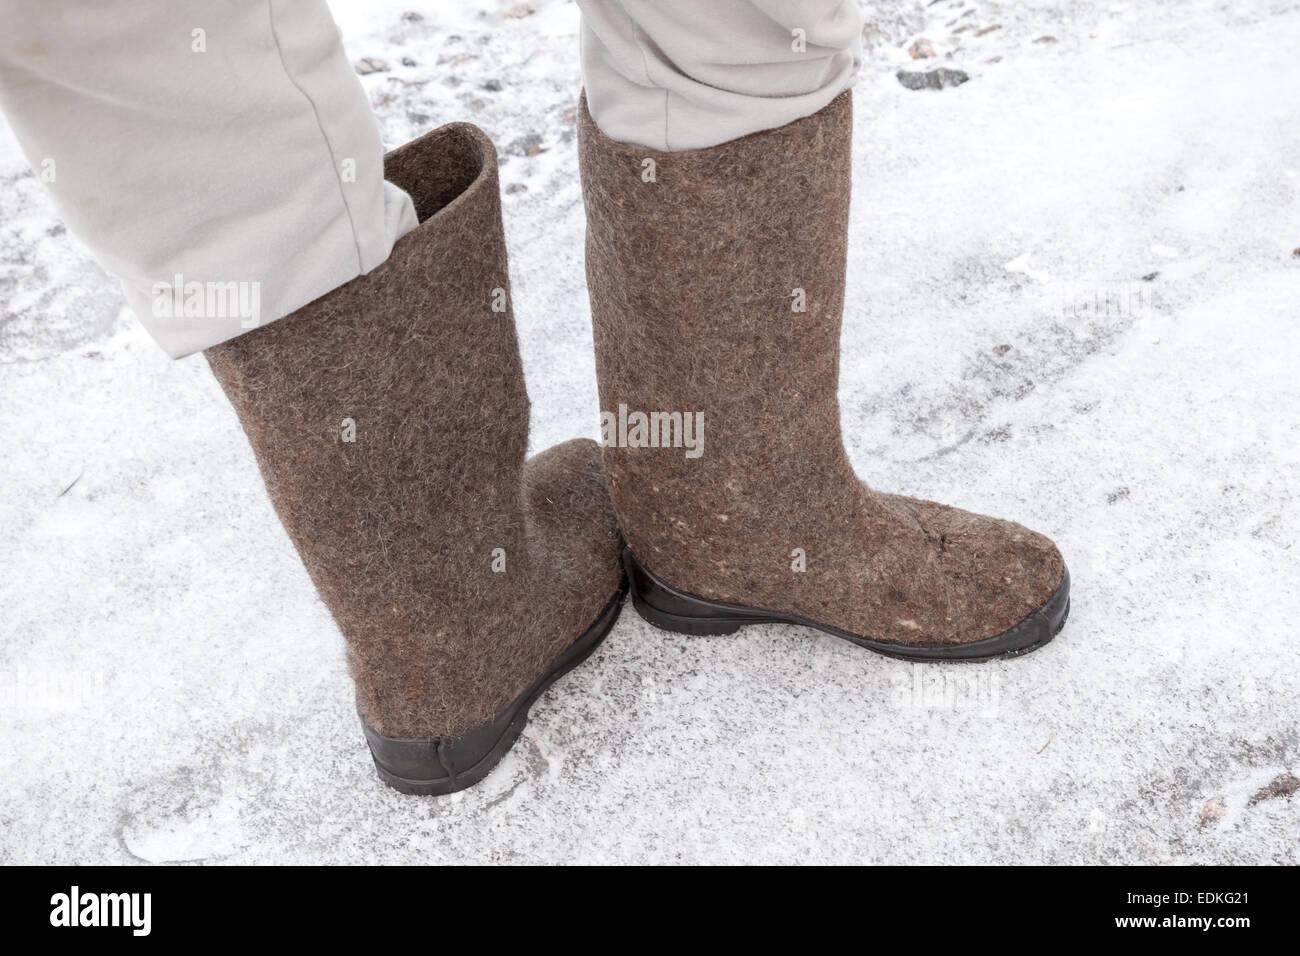 Füße Grau Männliche Filz Russischen Mit Stiefel Winter QCdhrxtsB